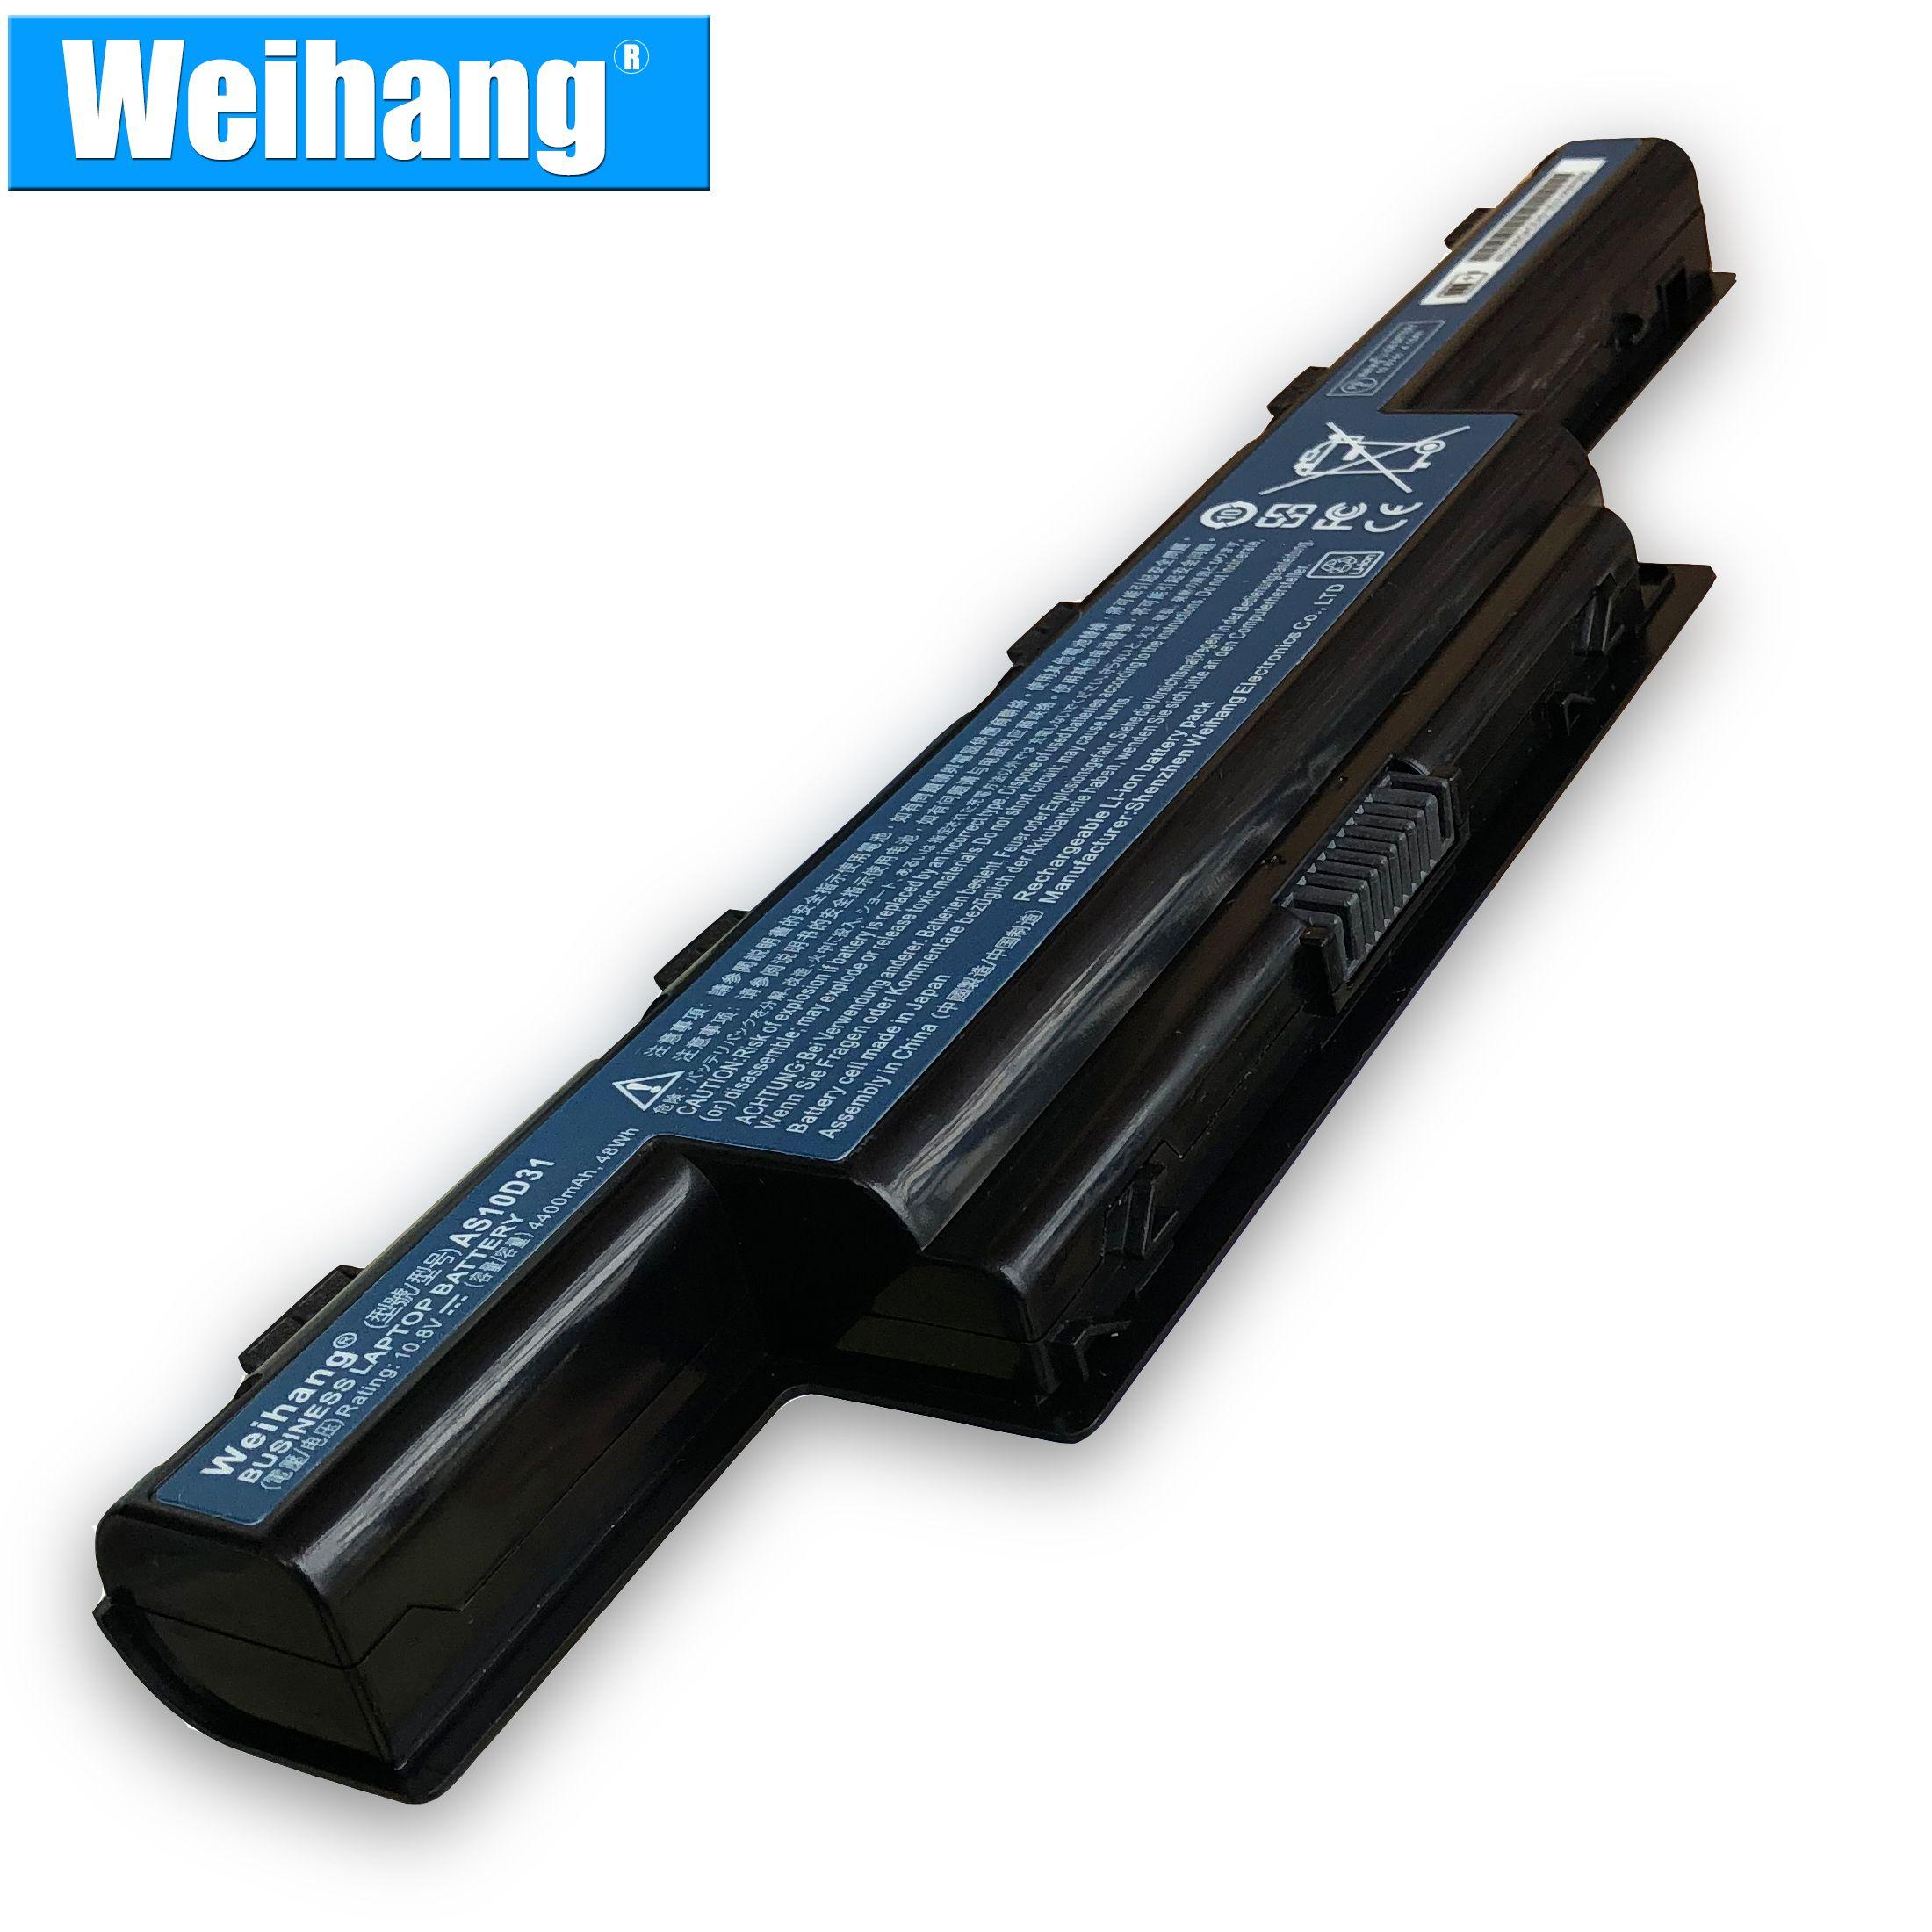 Korea Cell Weihang Battery For Acer Aspire V3 V3-471G V3-551G V3-571G E1-471 E1-531 E1-571 V3-771G E1 E1-421 E1-431 Series